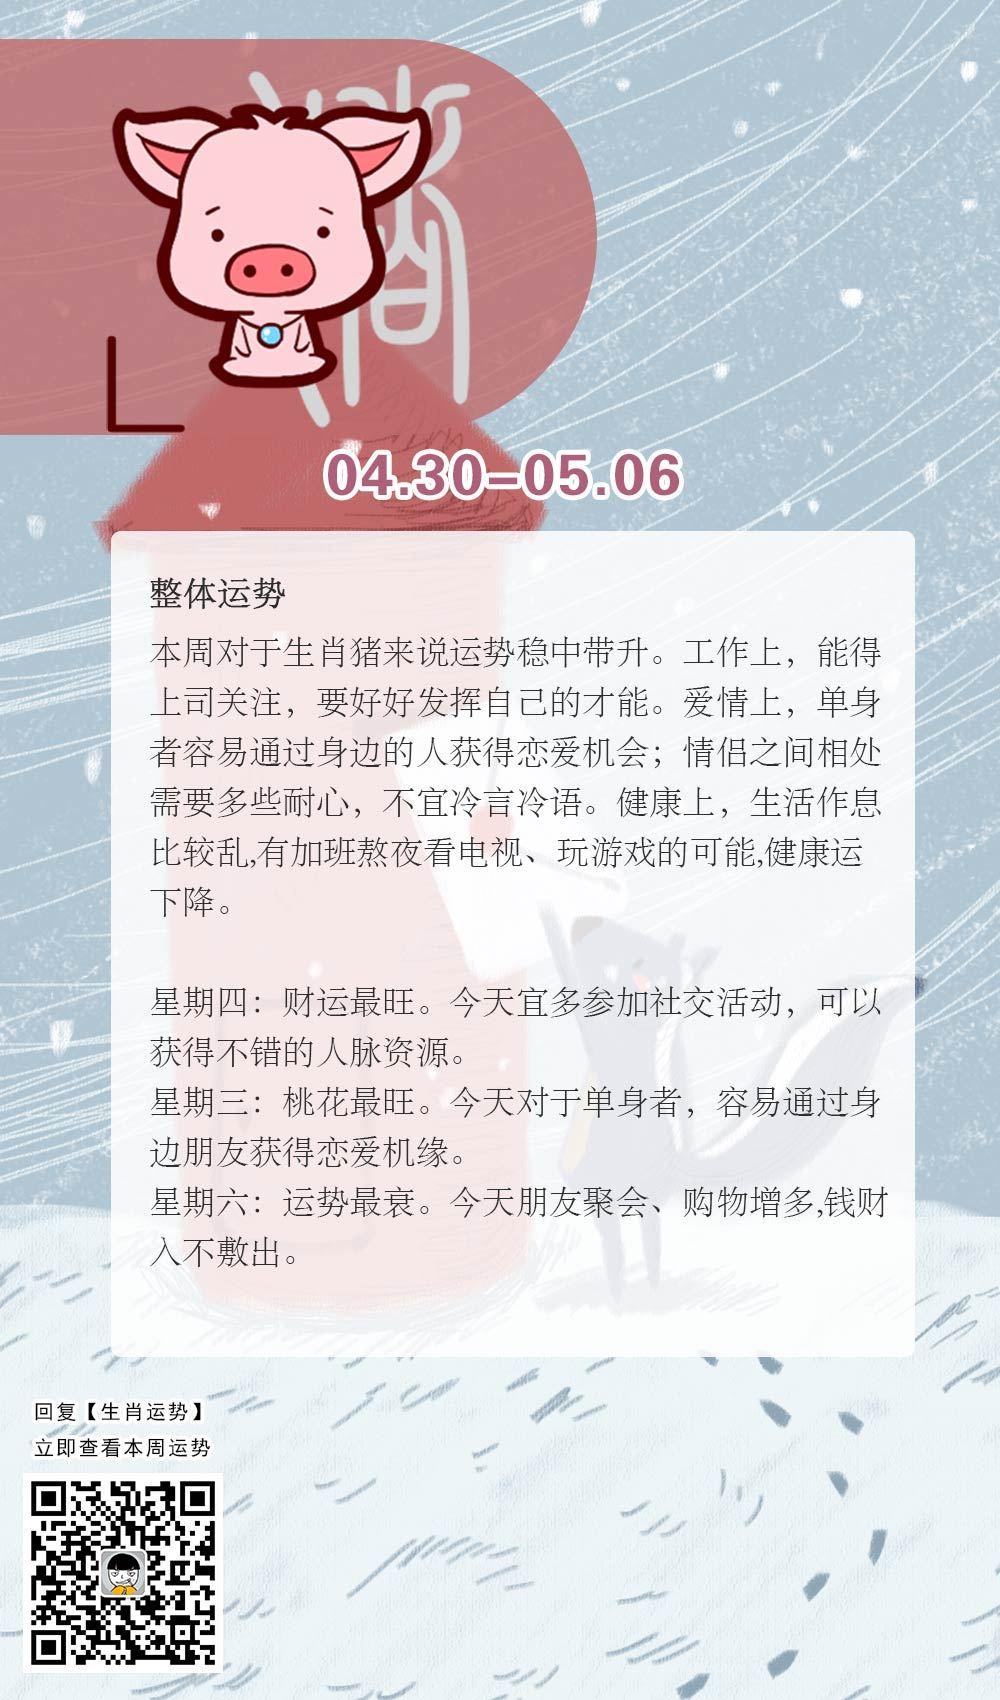 生肖猪本周运势【2018.04.30-05.06】